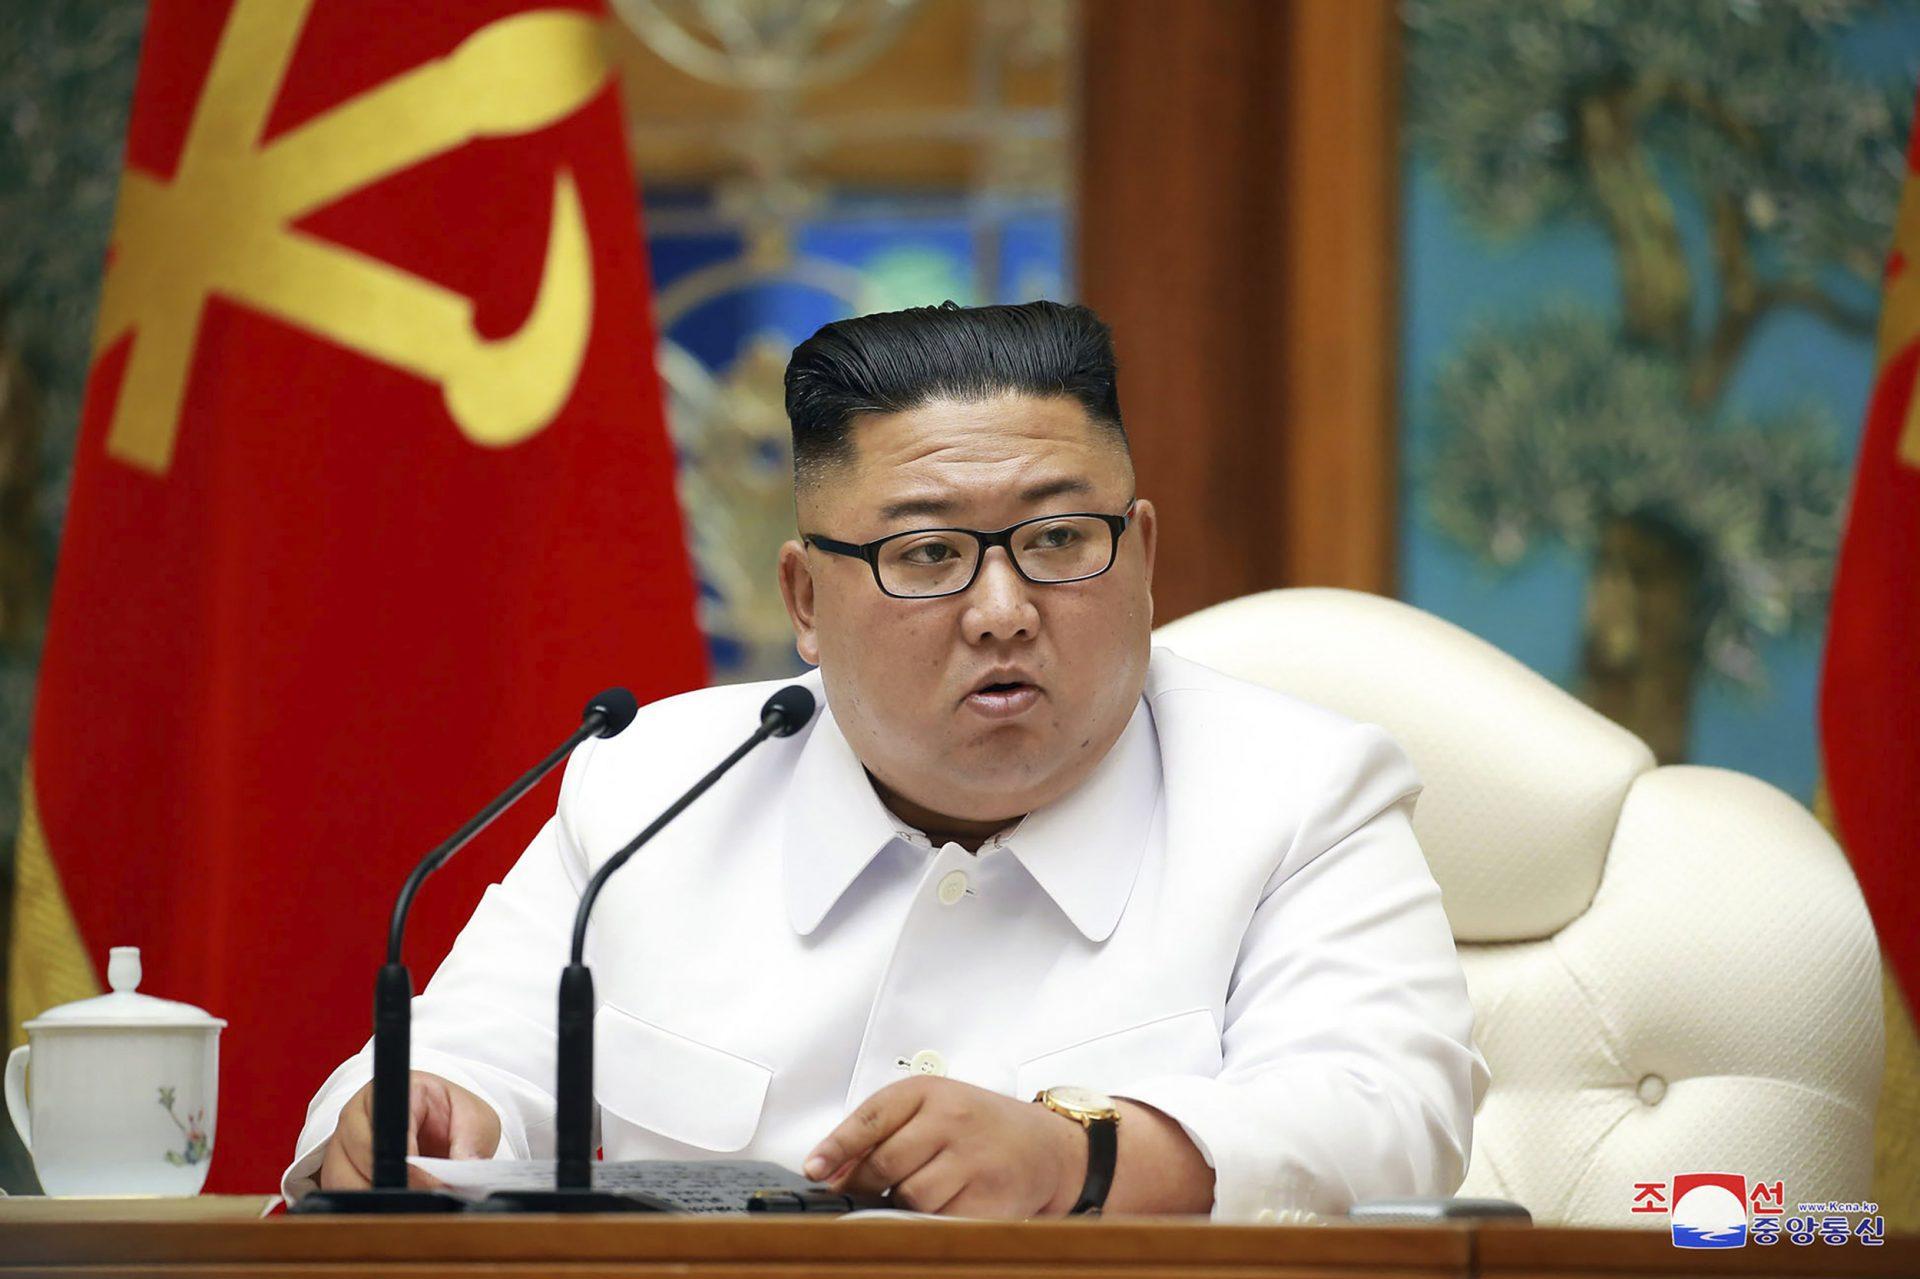 """Kim Jong-un a găsit """"soluția"""" pentru pace: armele nuclare. Coreea de Nord susține că nu va mai fi implicată în războaie"""